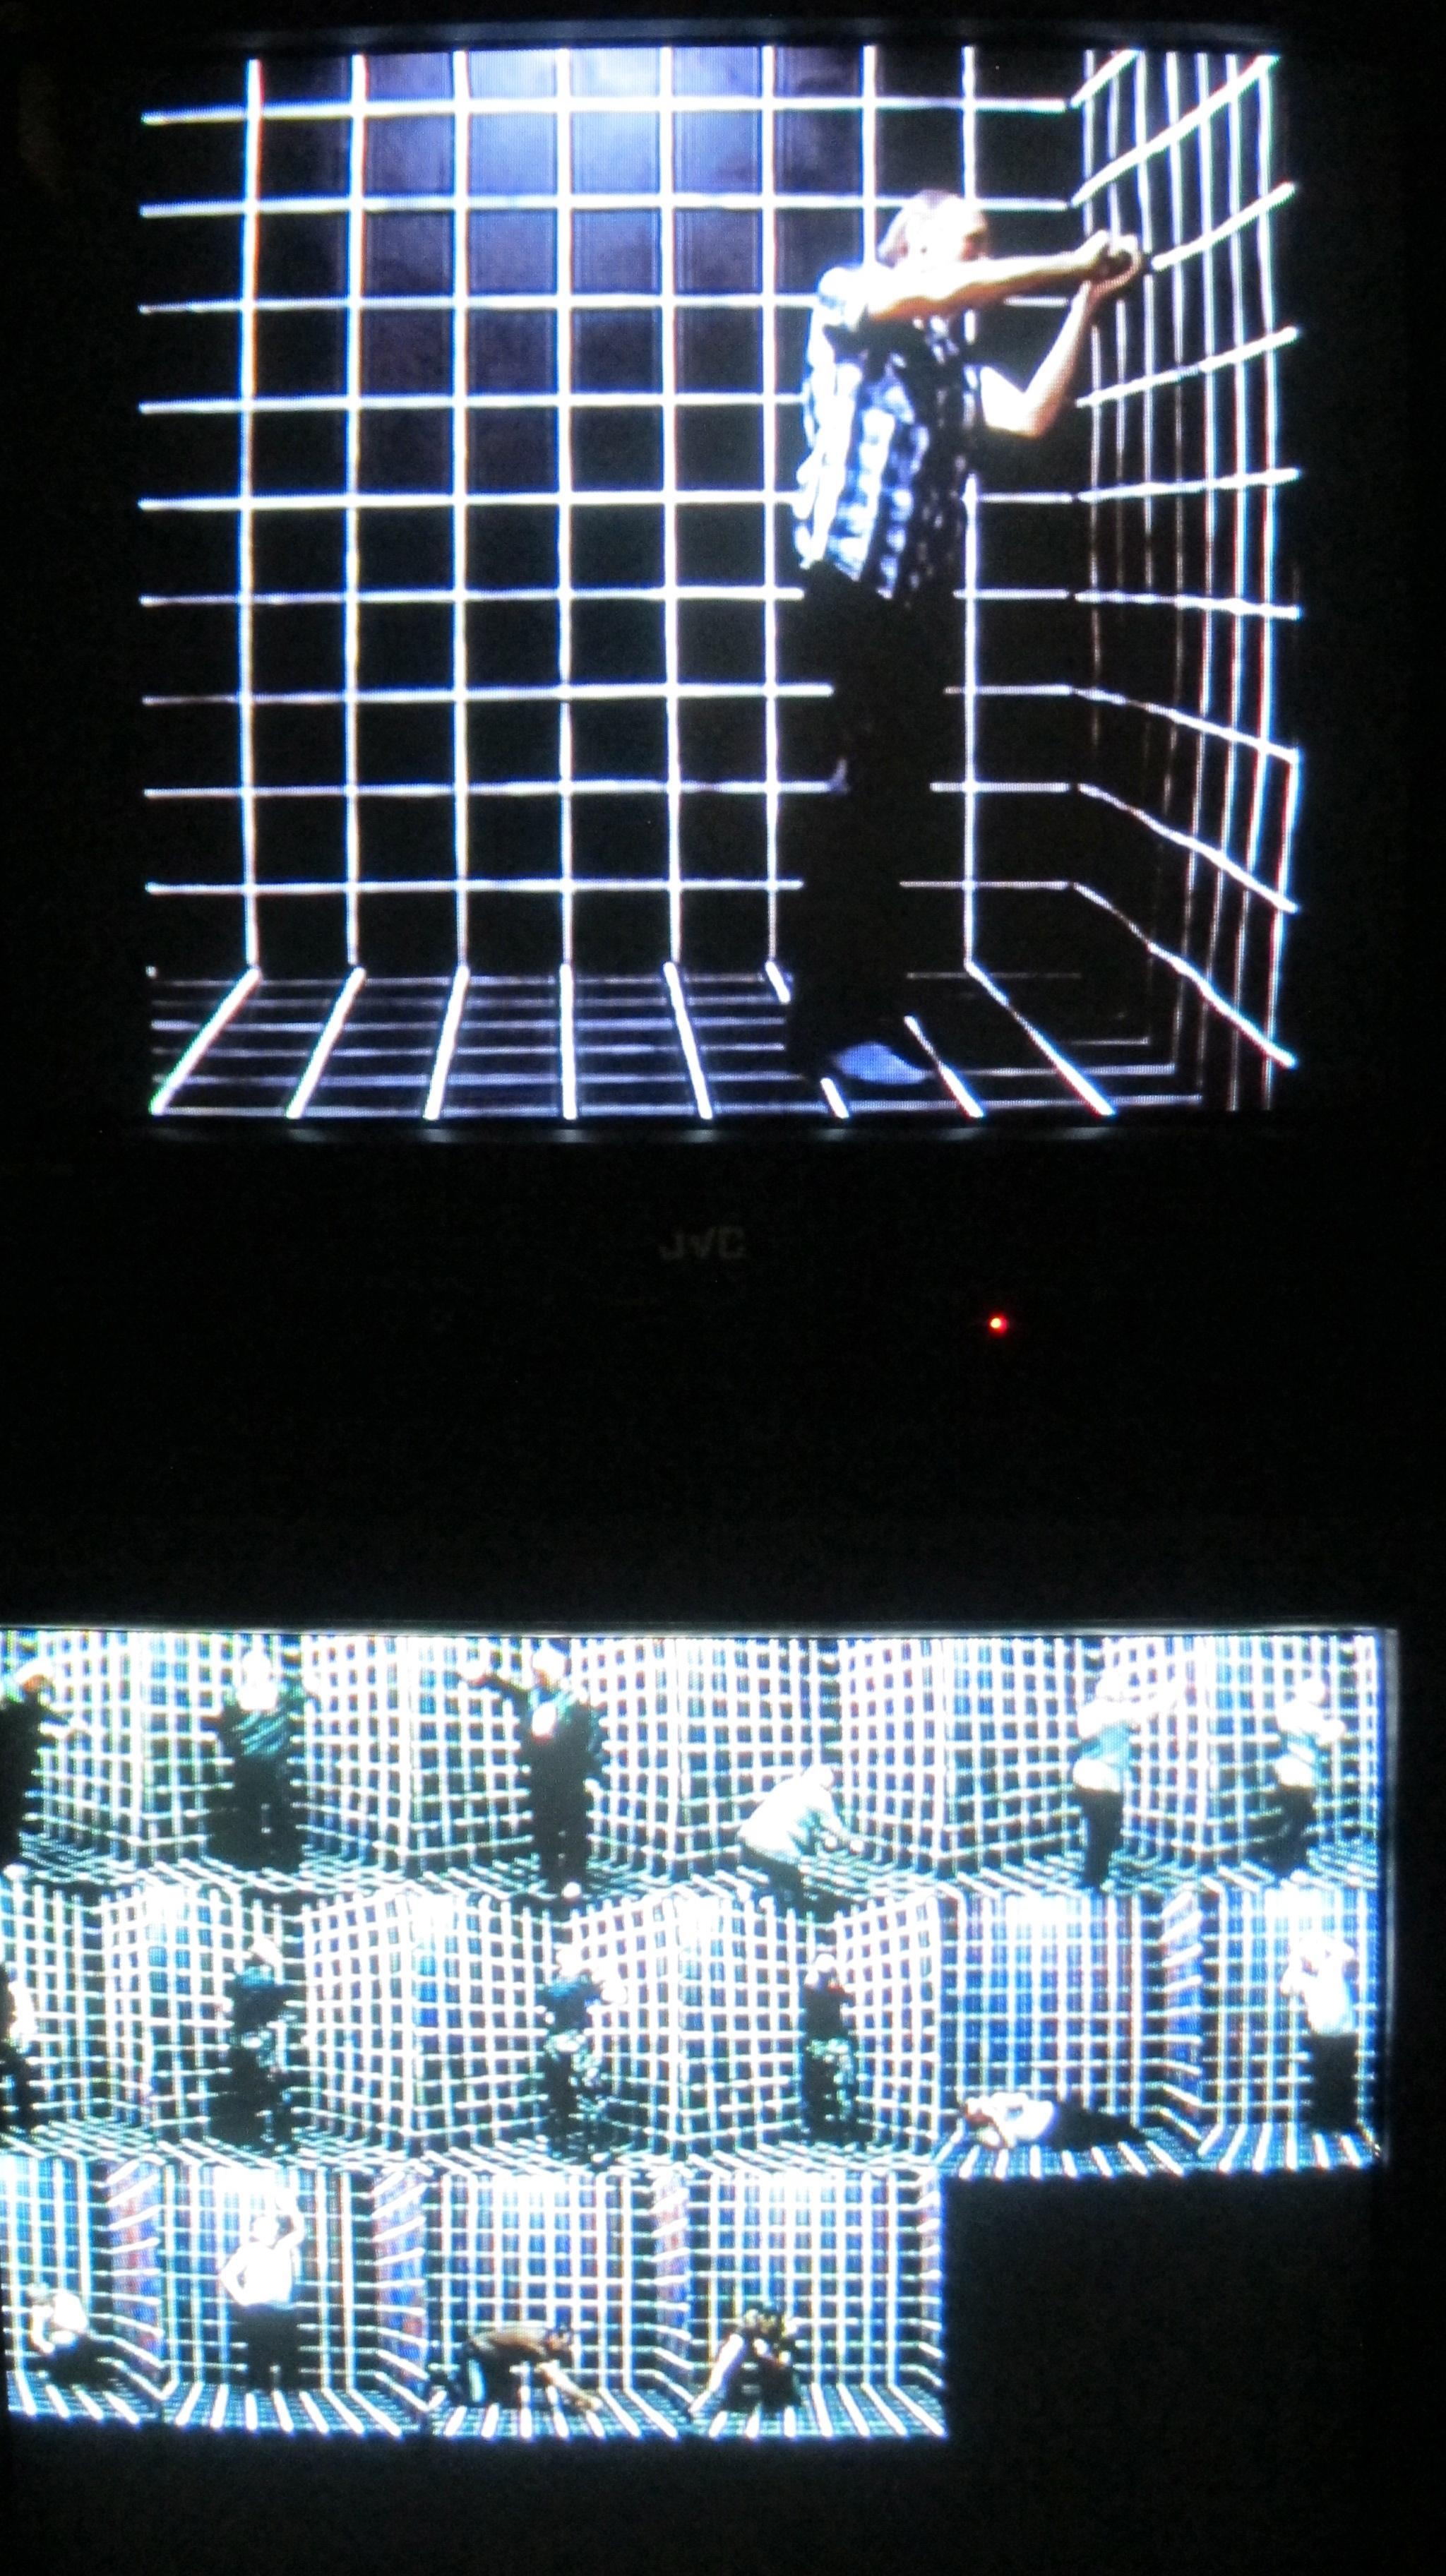 """MML Studio, """"The Shipyard Dance"""", 2013, 3-kanałowe wideo, 6:10 min. 8:25 min. 11:02 min. Choreografia/taniec: Rafał Dziemidok, muzyka: Igor Kłaczyński"""